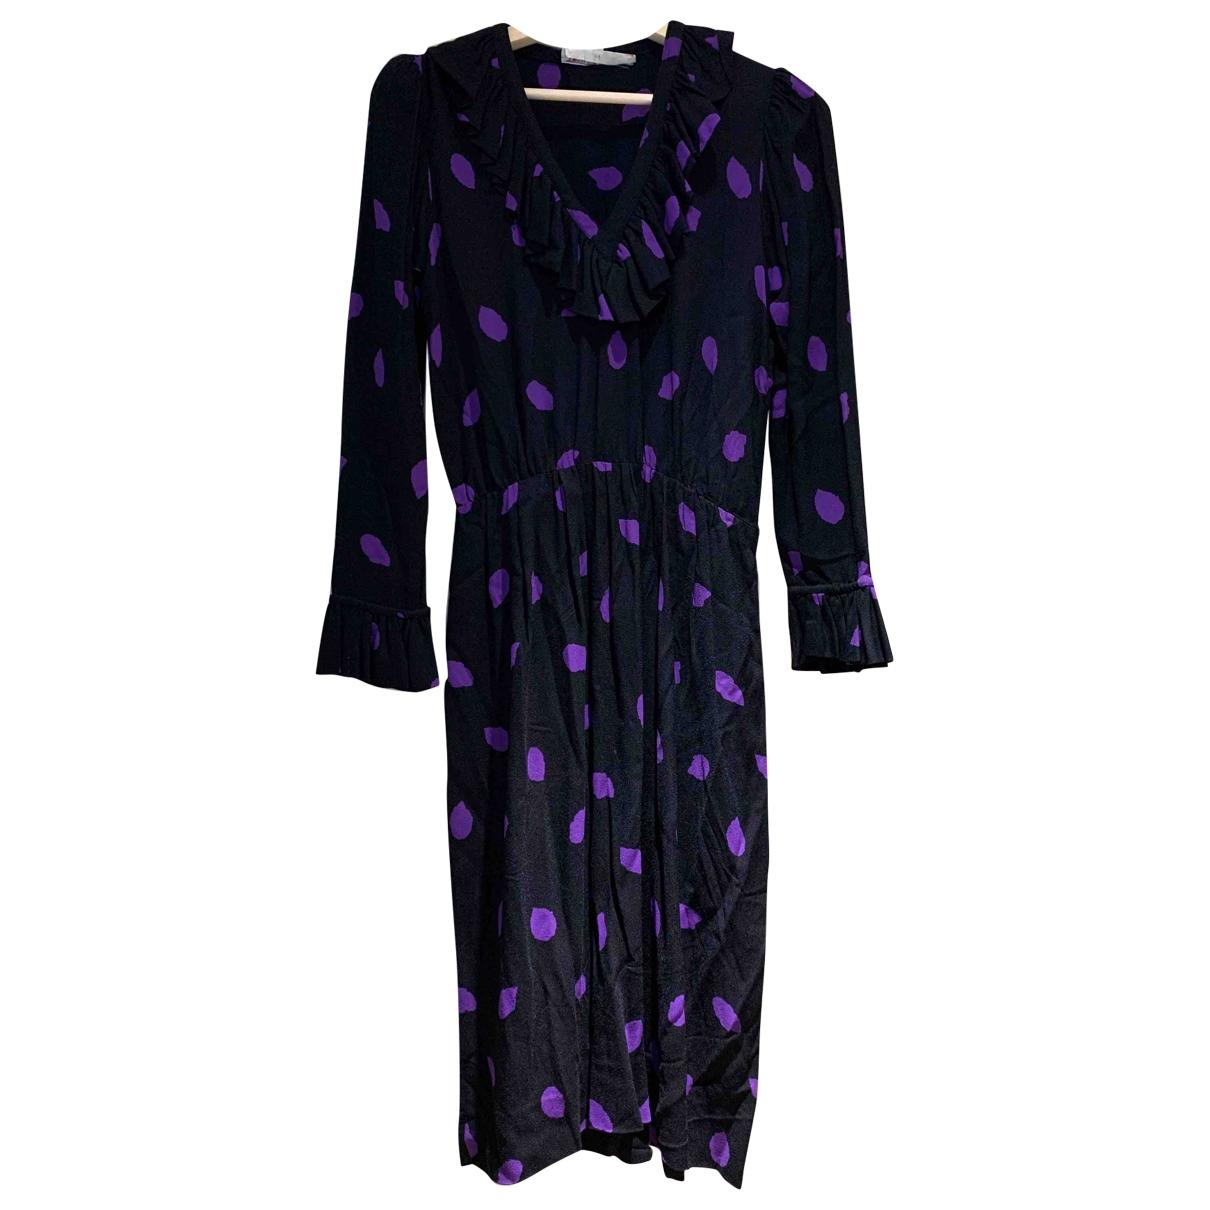 Yves Saint Laurent \N Black dress for Women 36 FR